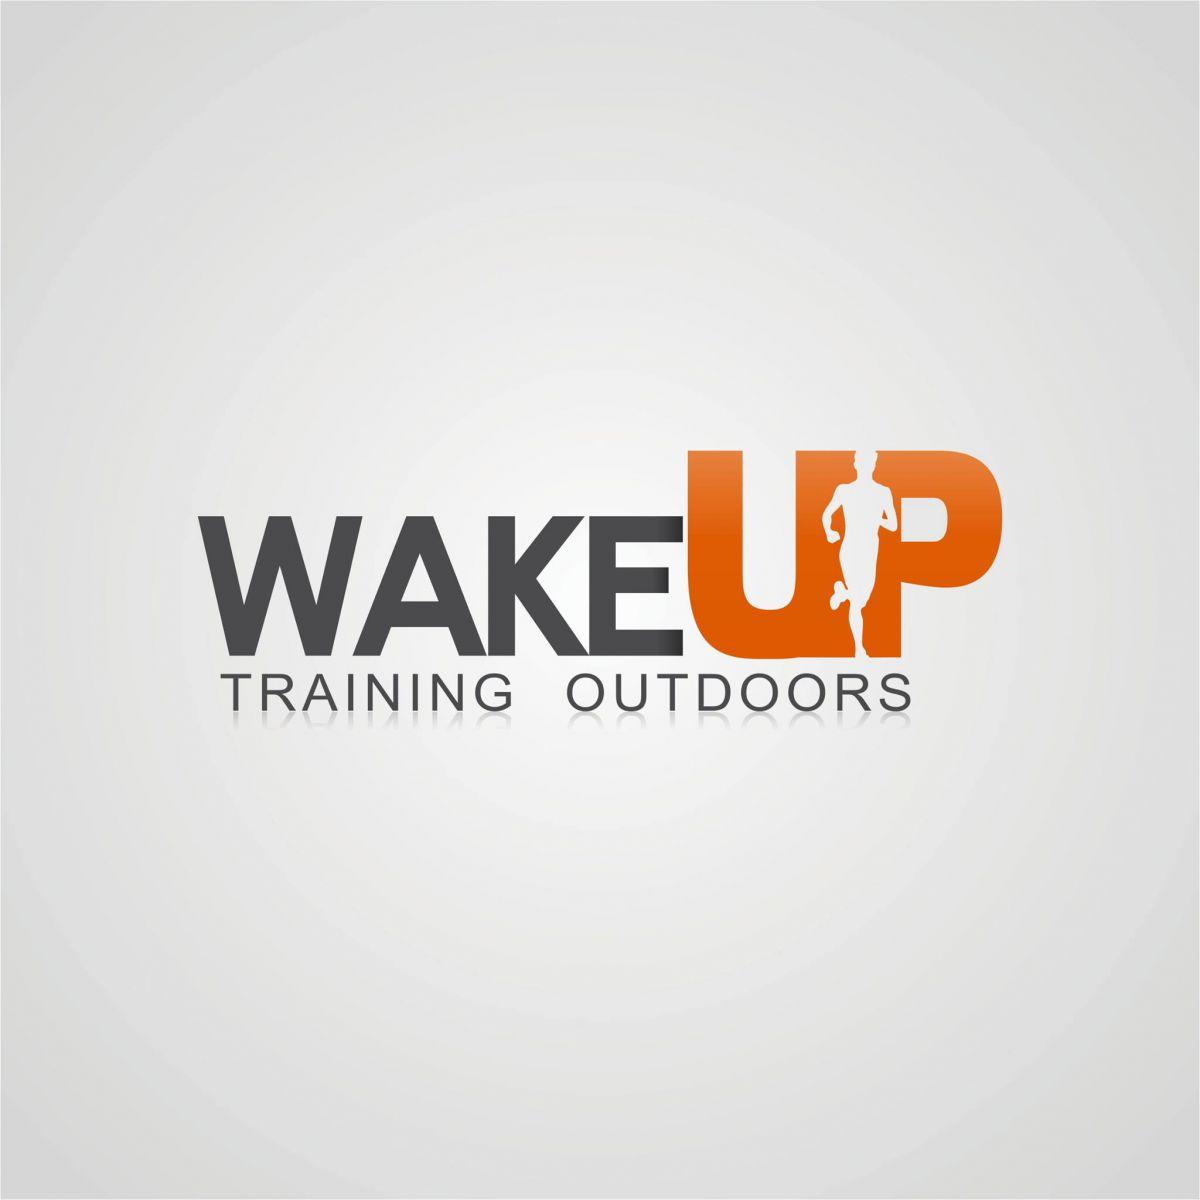 WakeUp Training Outdoors